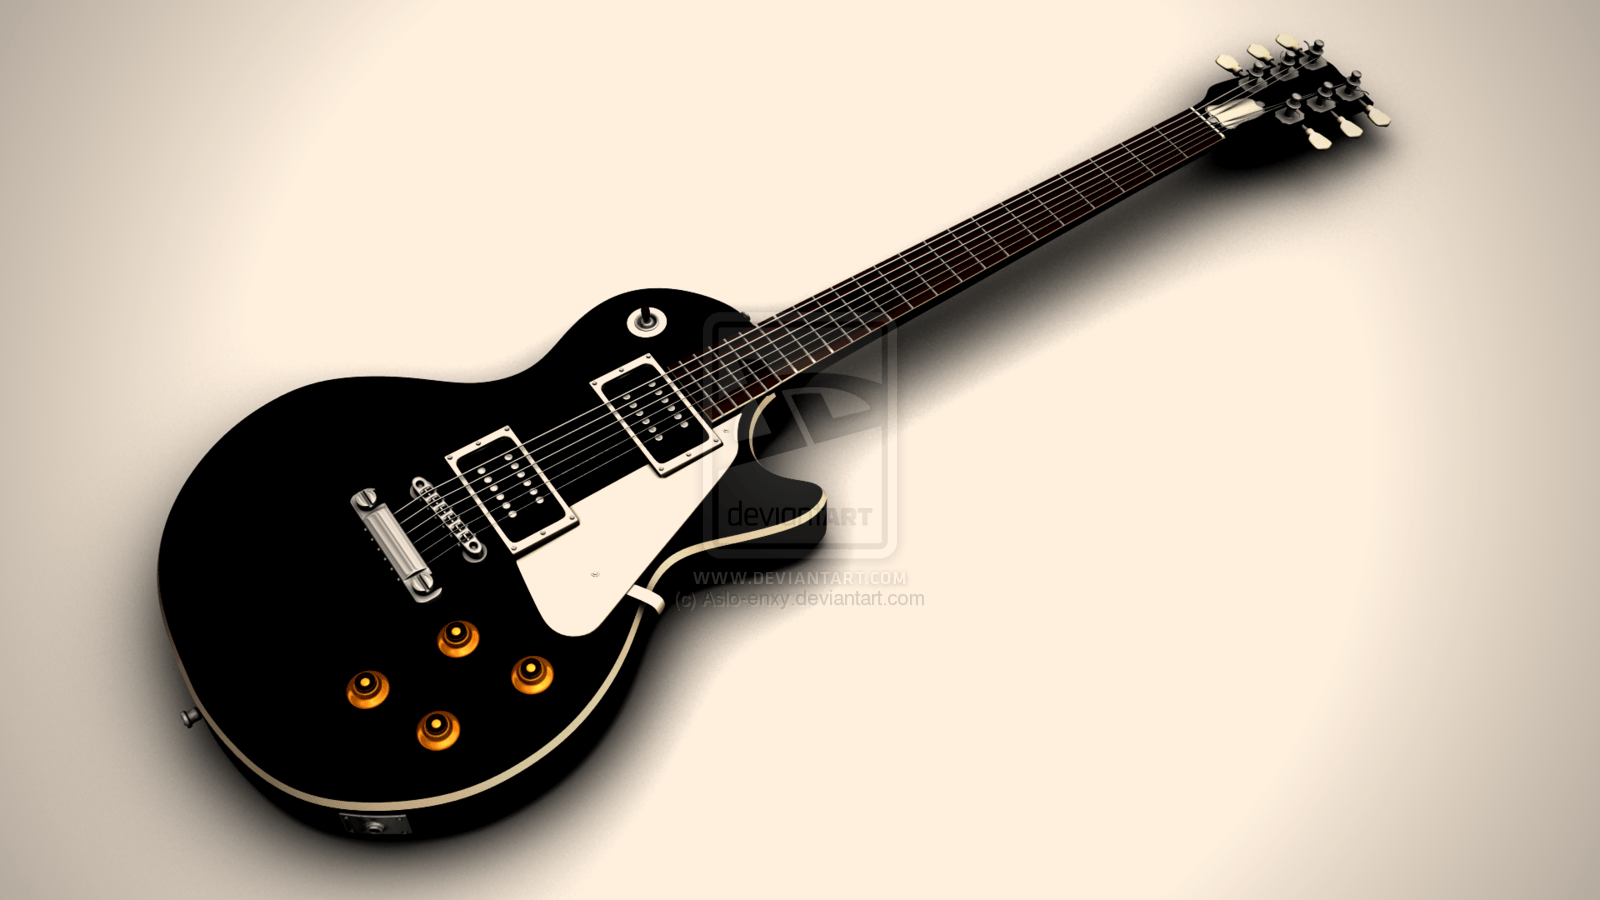 guitar wallpaper les paul - photo #3